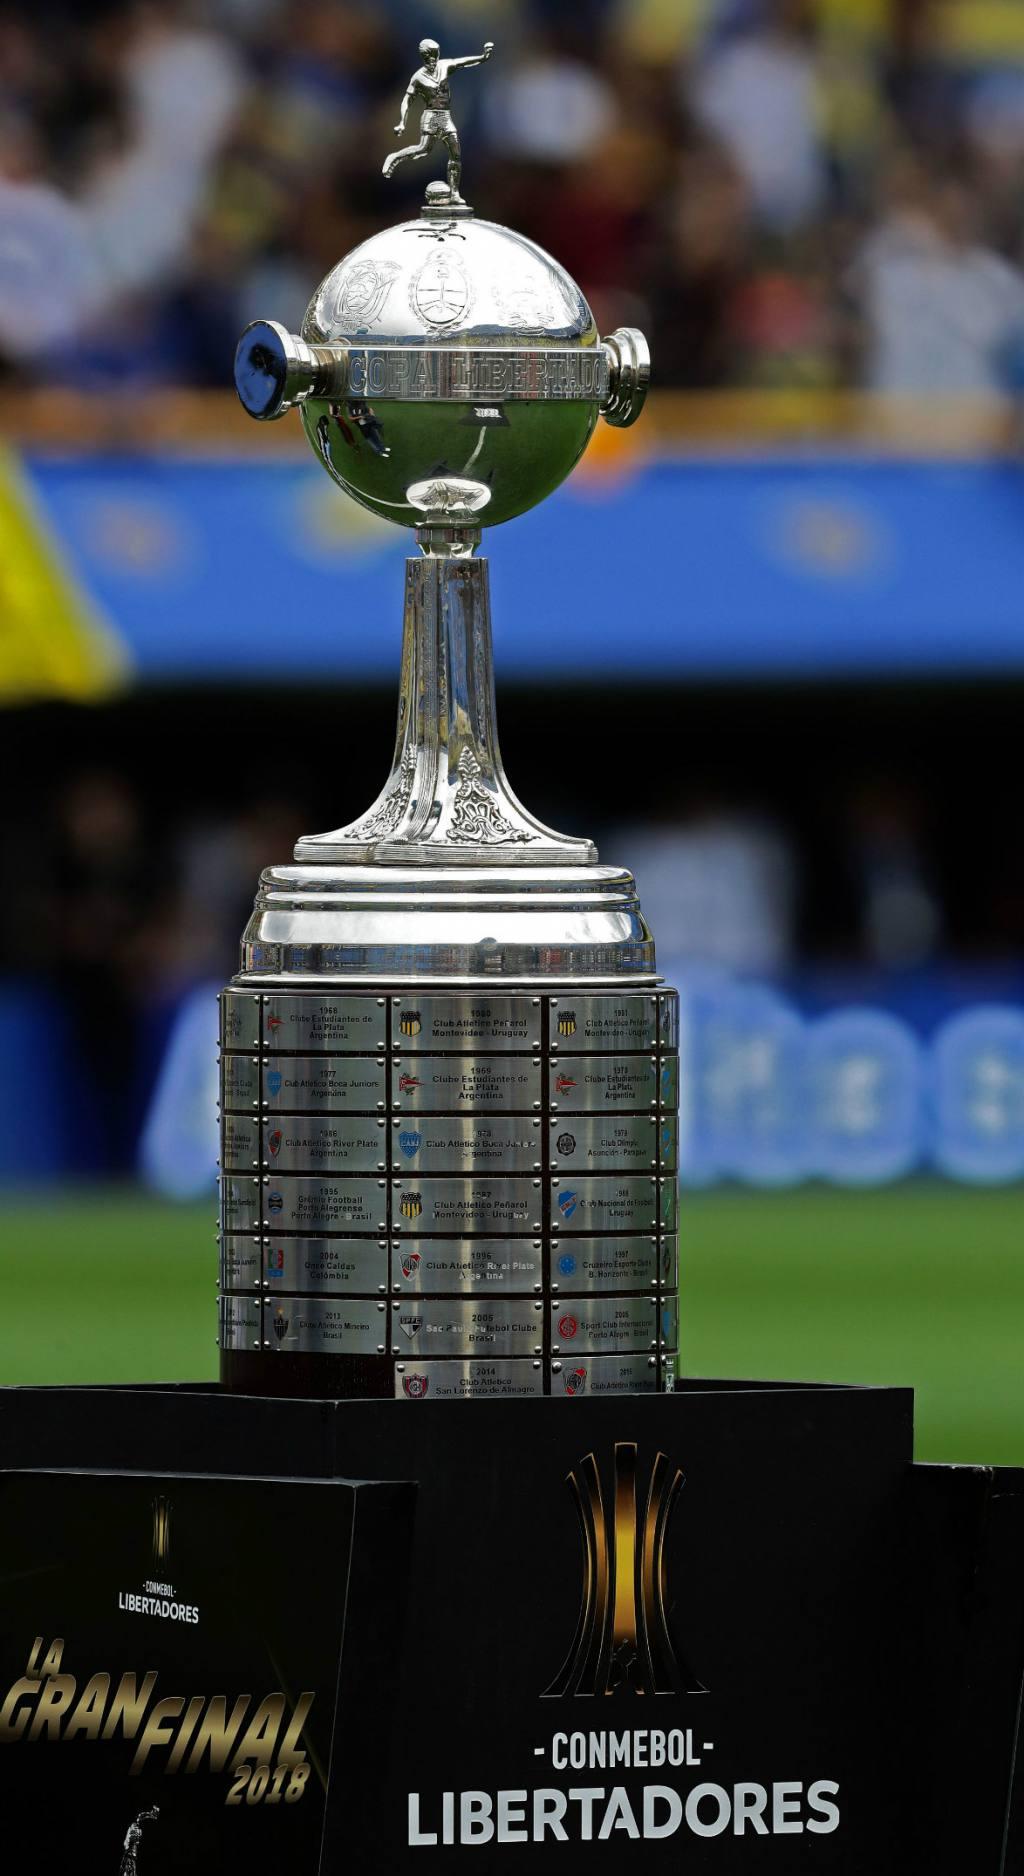 trofeo_de_la_copa_libertadores_2018_afp.jpg